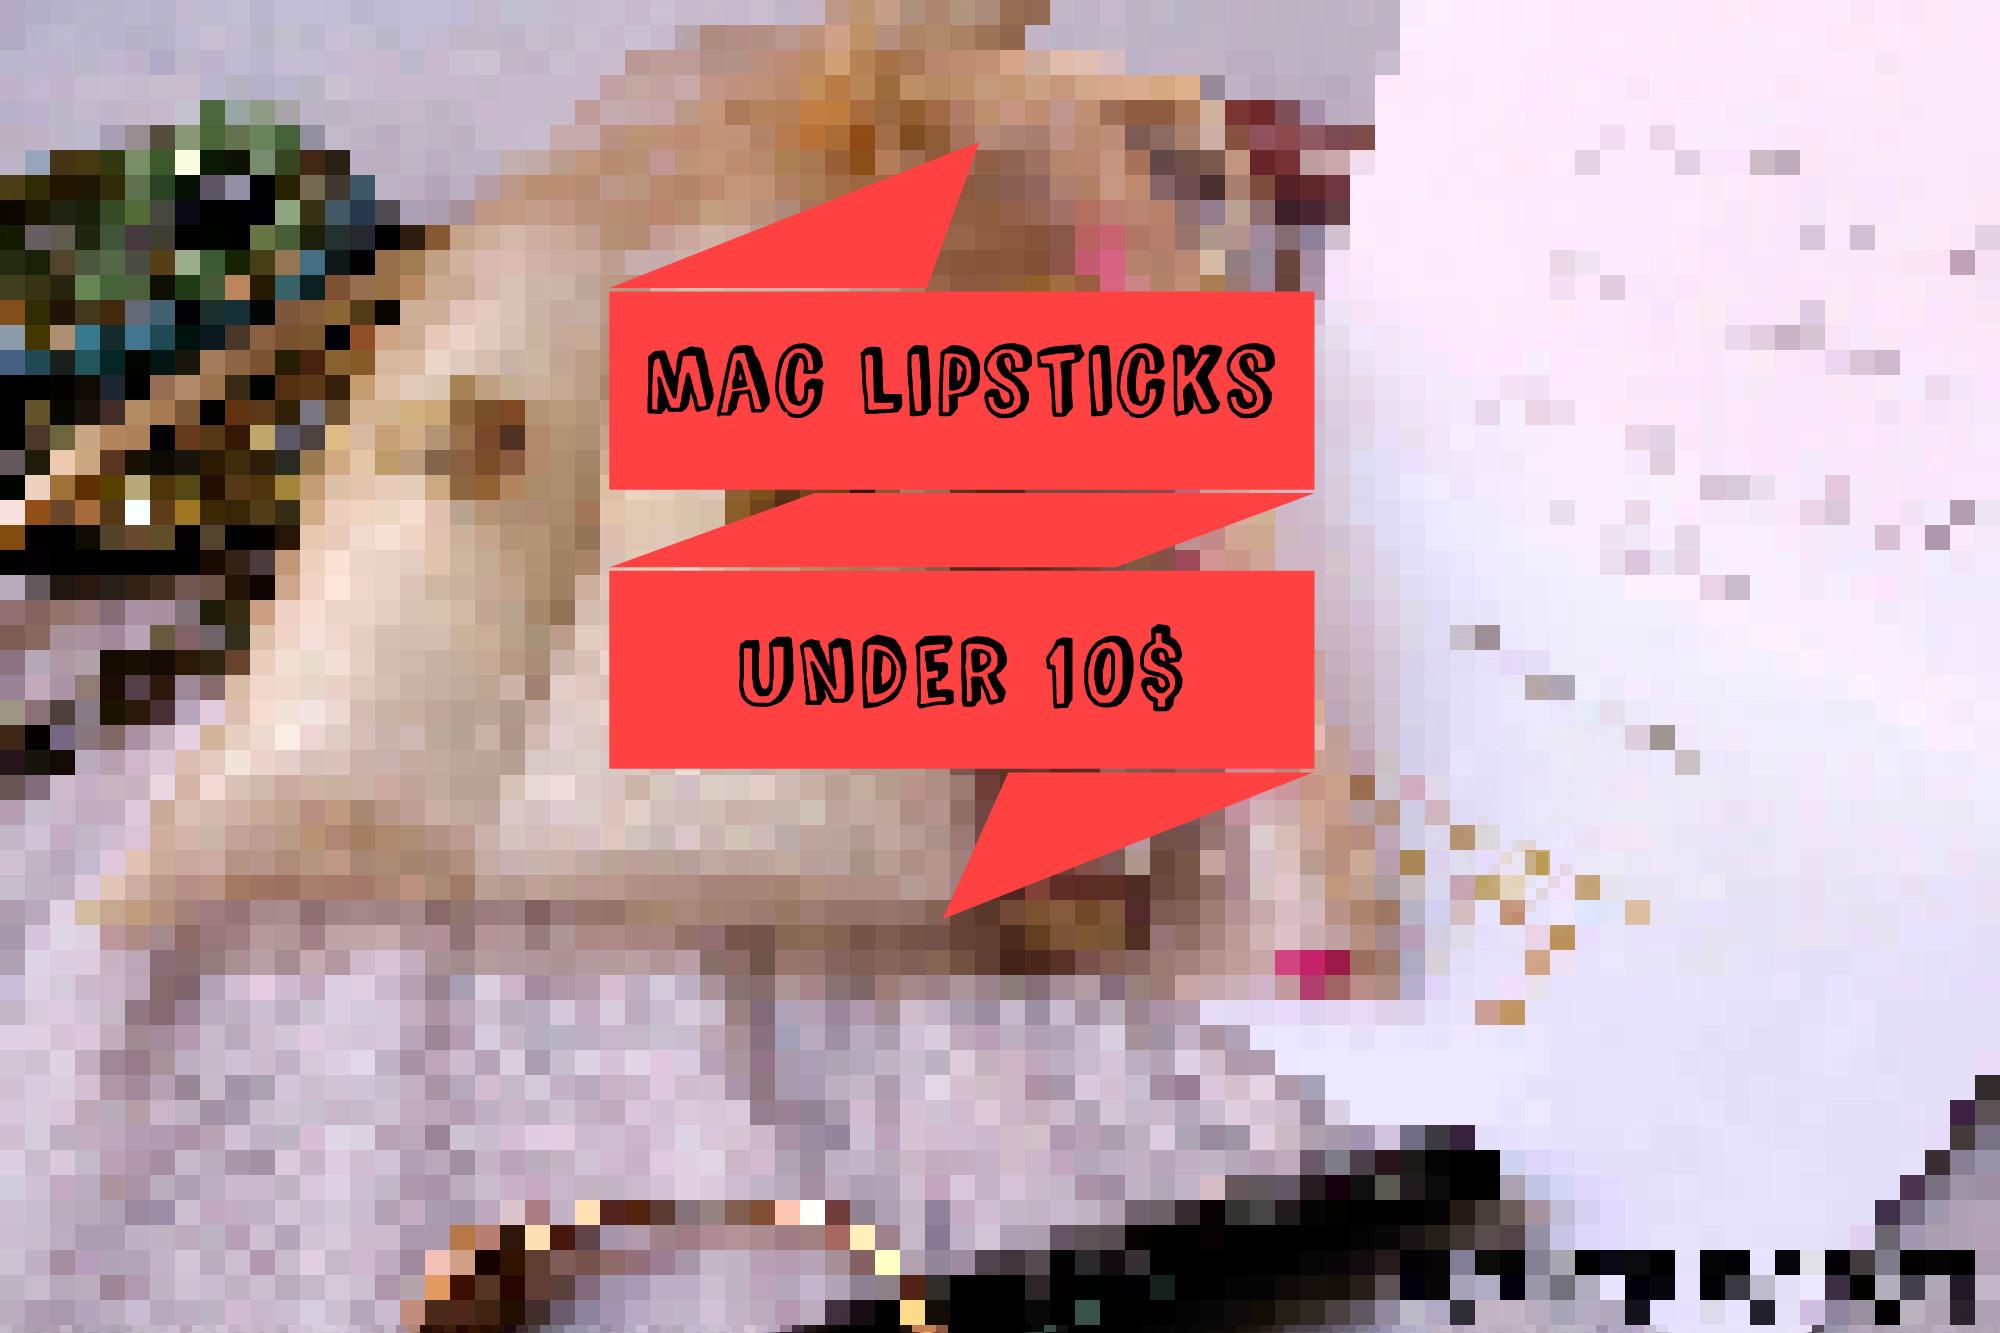 HOW TO GET MAC LIPSTICKS UNDER 10$